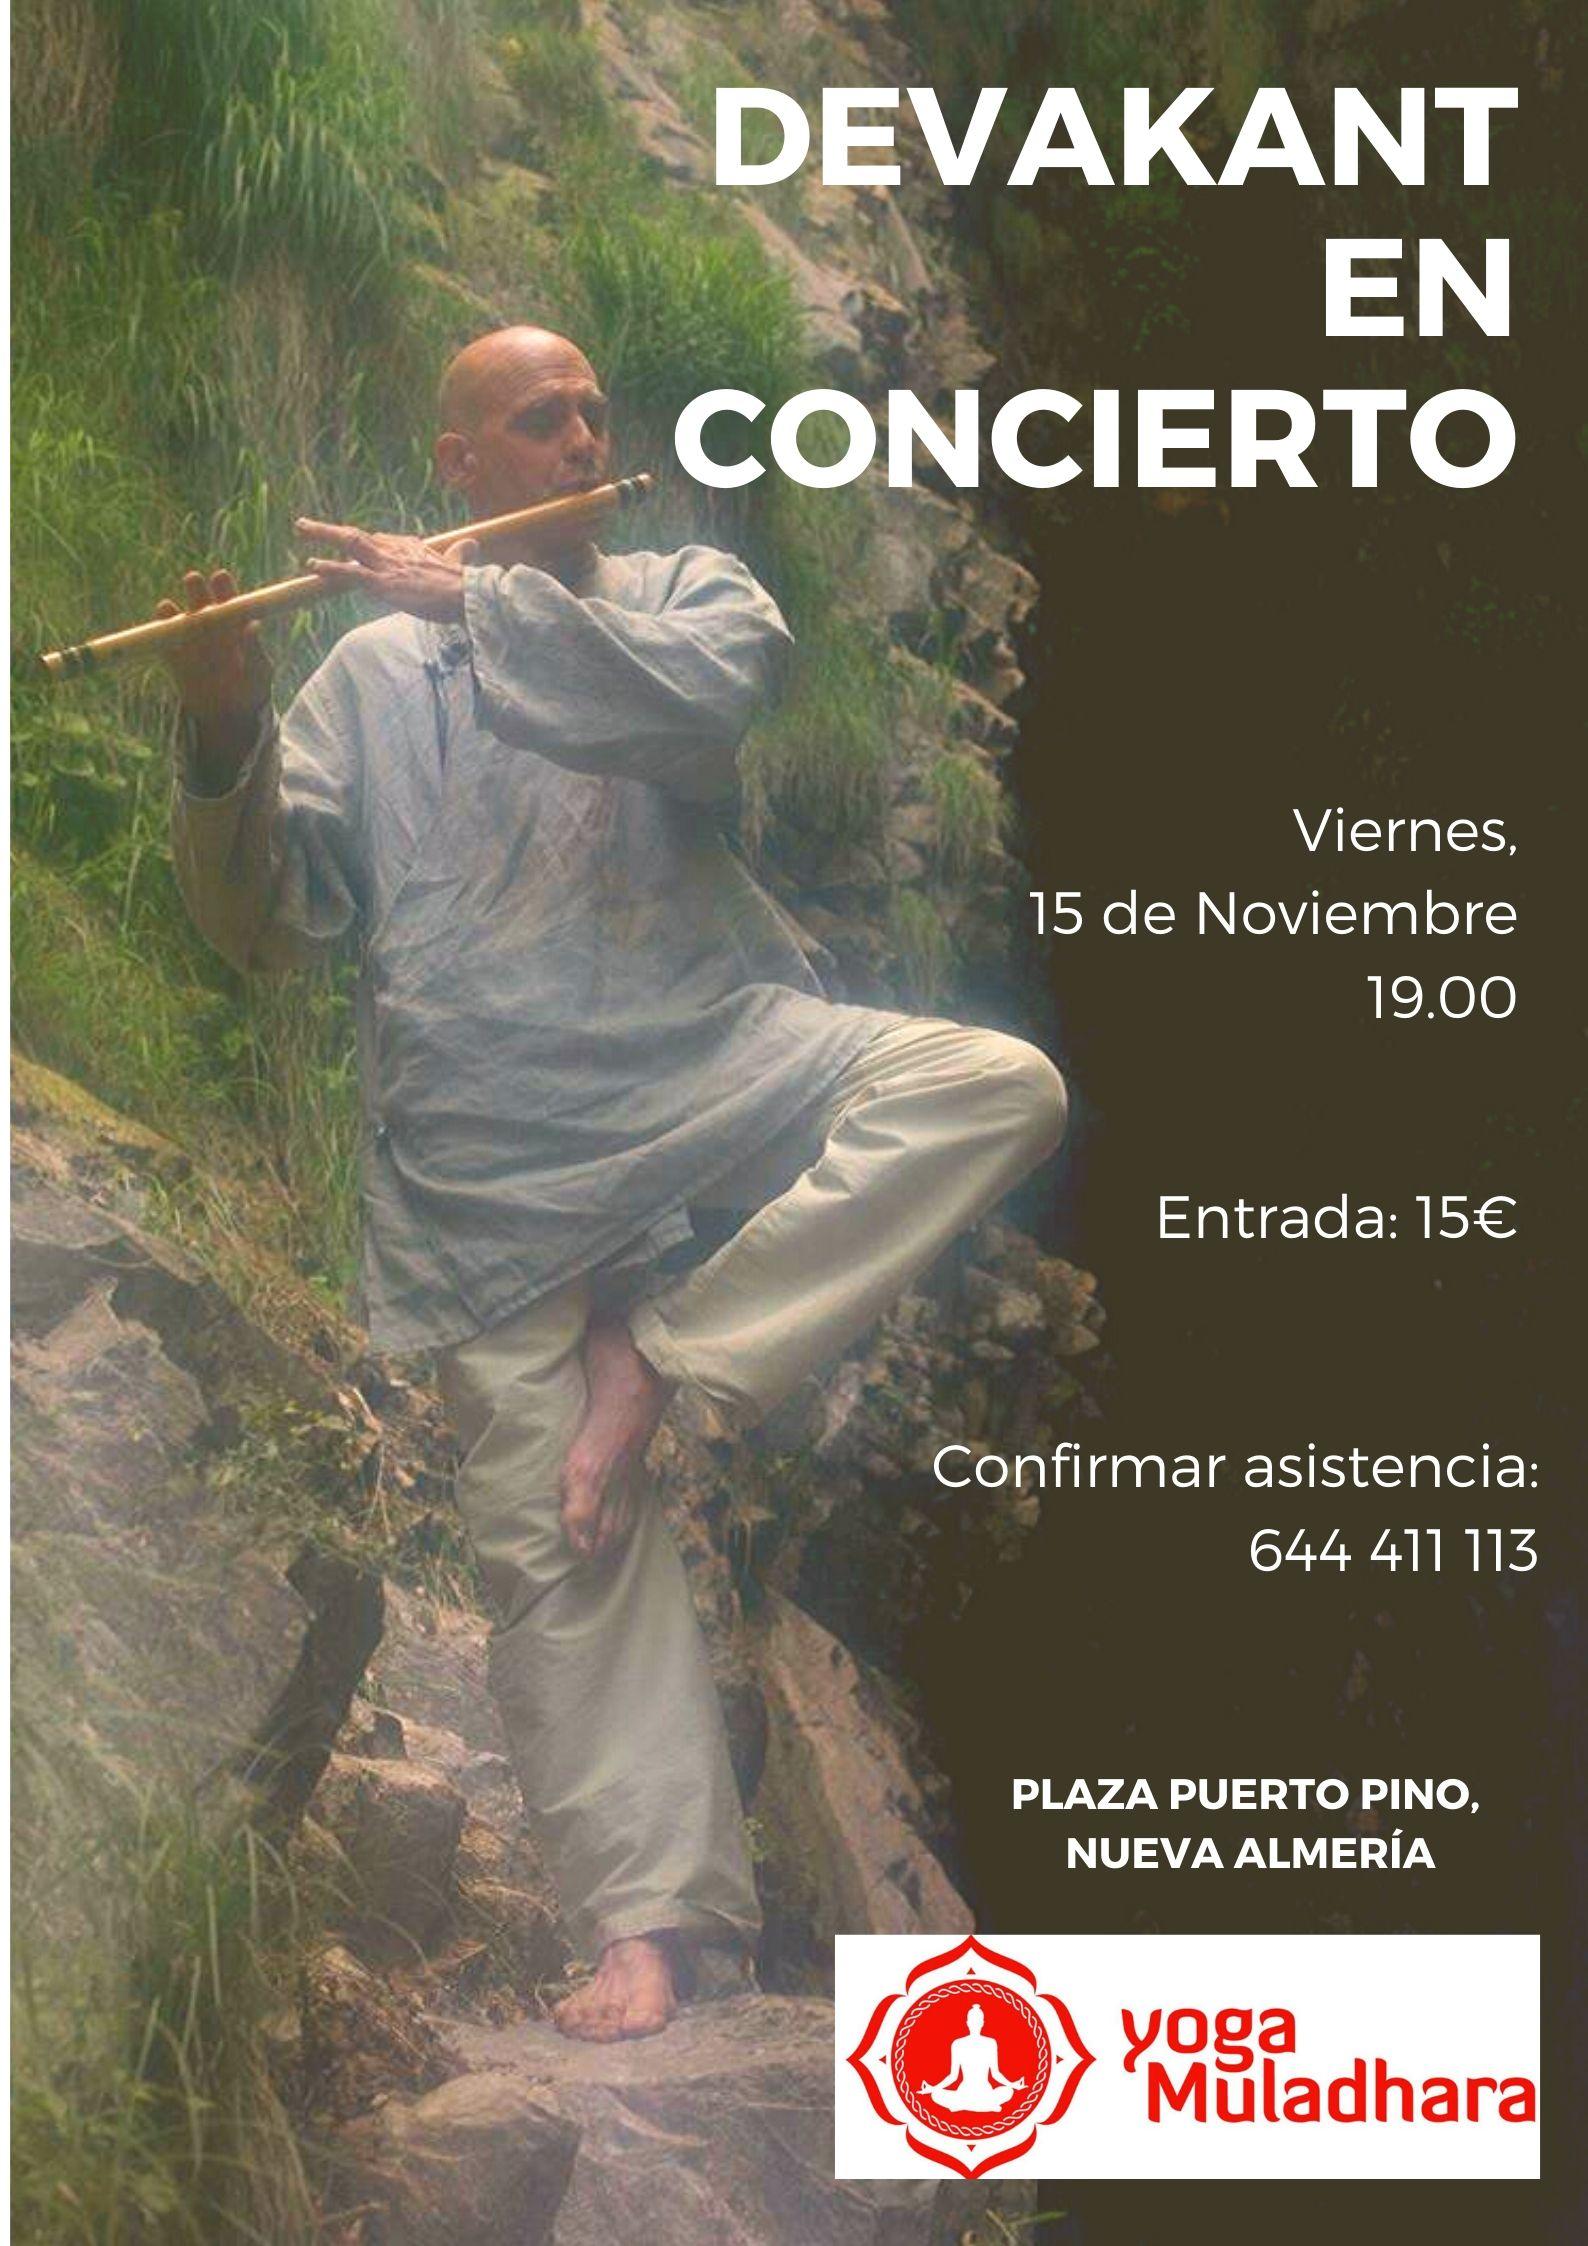 Devakant concierto Almería